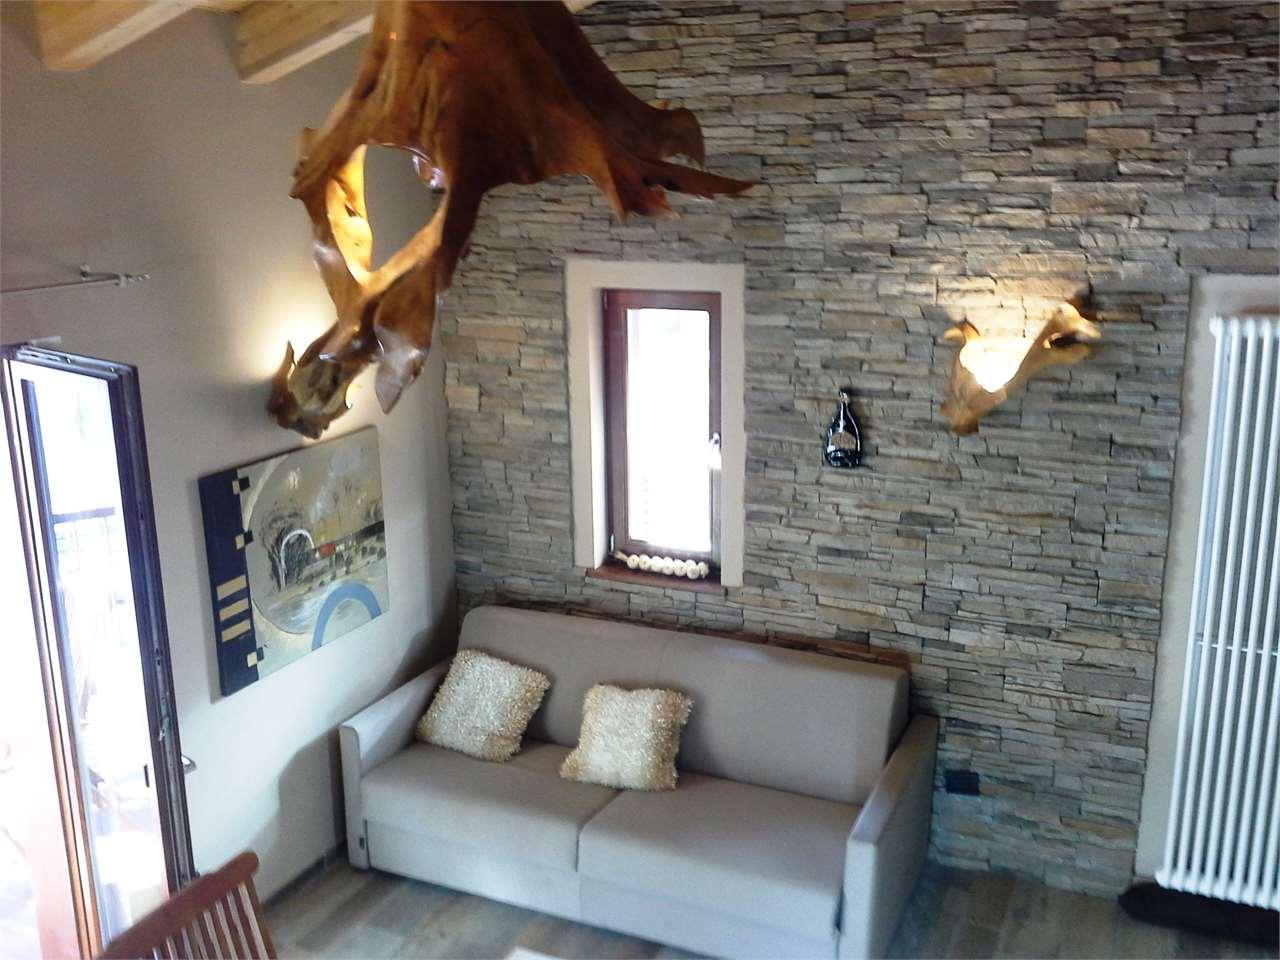 Appartamento in vendita a Limone Piemonte, 2 locali, zona Località: fantino, prezzo € 168.000 | CambioCasa.it